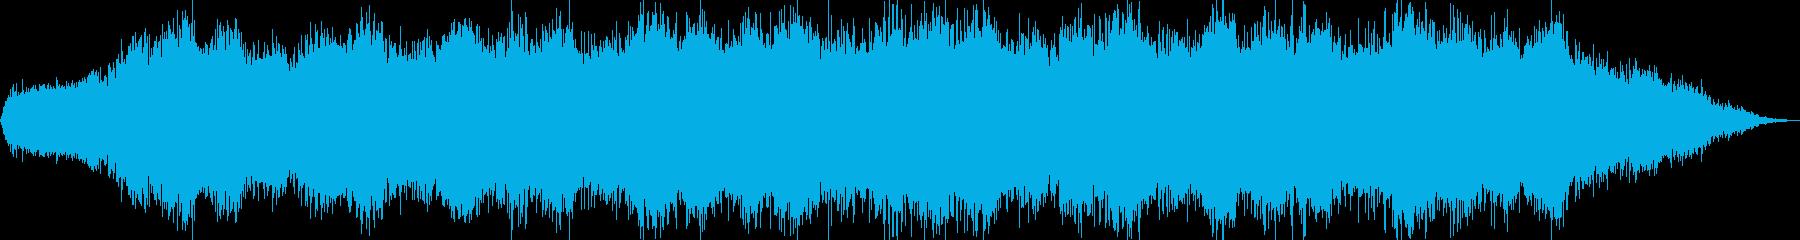 壮大な雰囲気のアンビエントの再生済みの波形